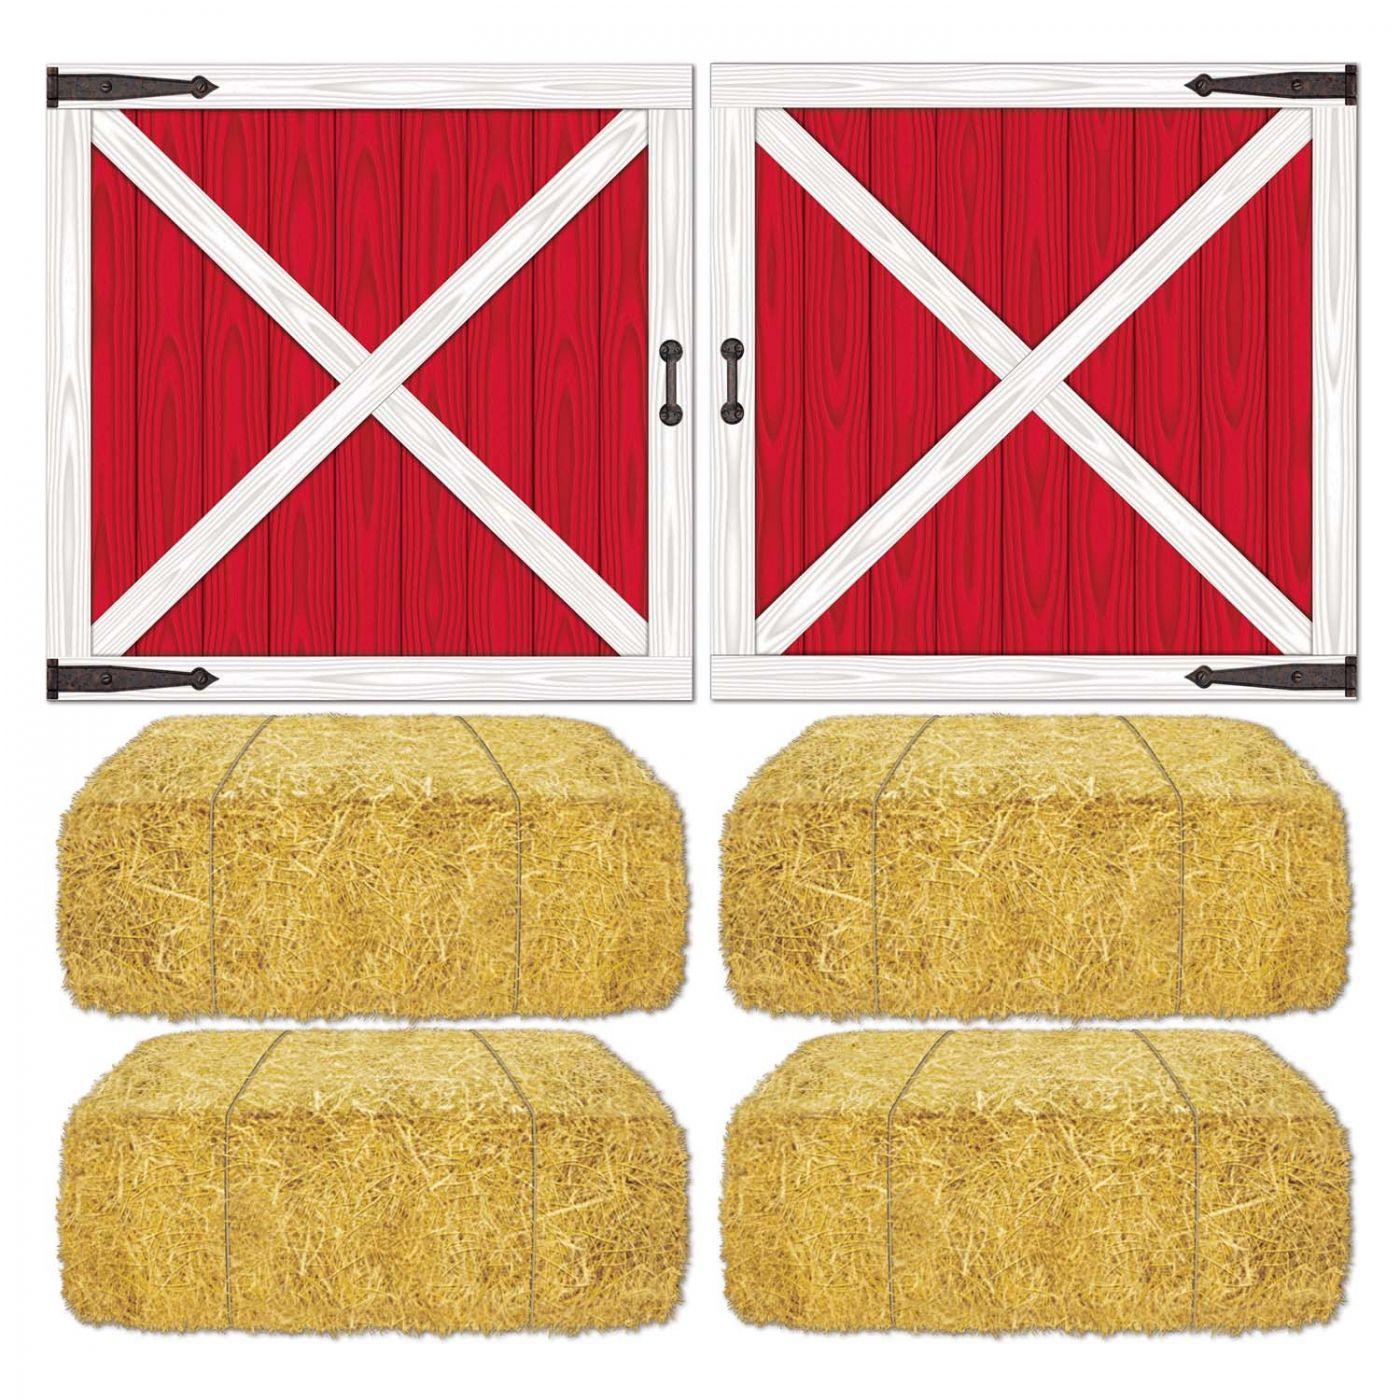 Image of Barn Loft Door & Hay Bale Props